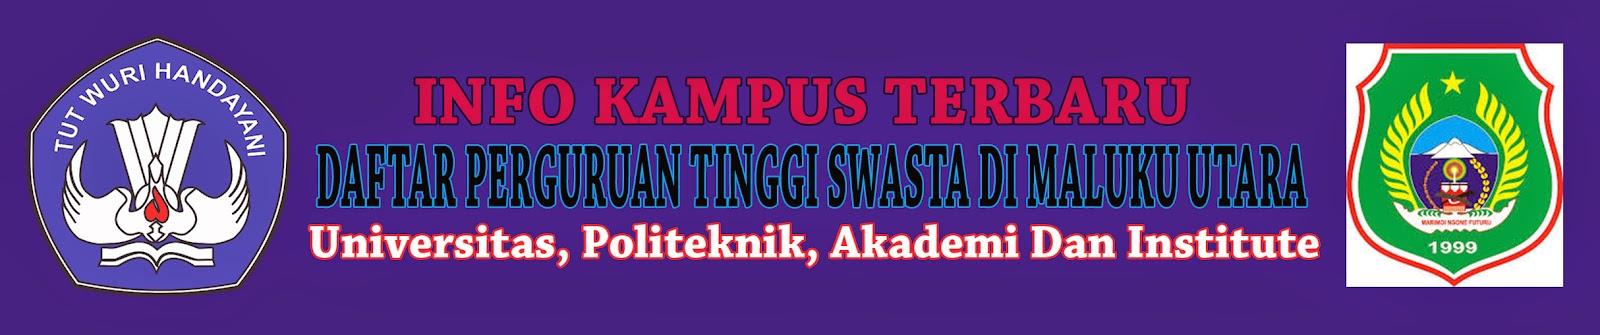 Daftar Perguruan Tinggi Swasta Di Maluku Utara